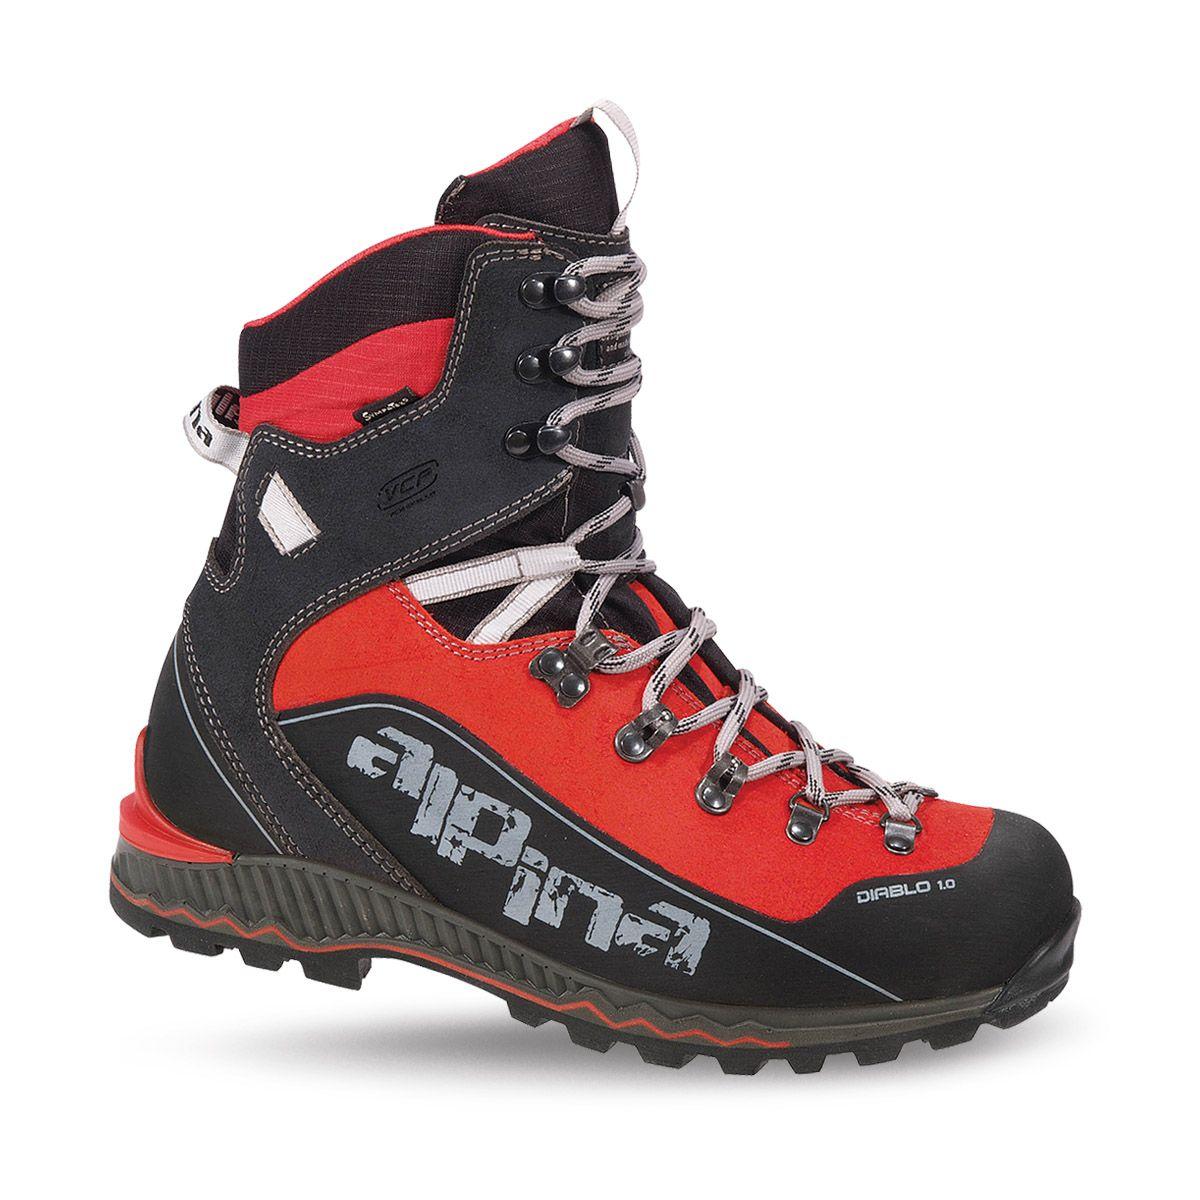 Diablo Lumberjack Boots, Sports Footwear, Western Boots, Sneaker Boots,  Shoes Sneakers, 9547e5c35617